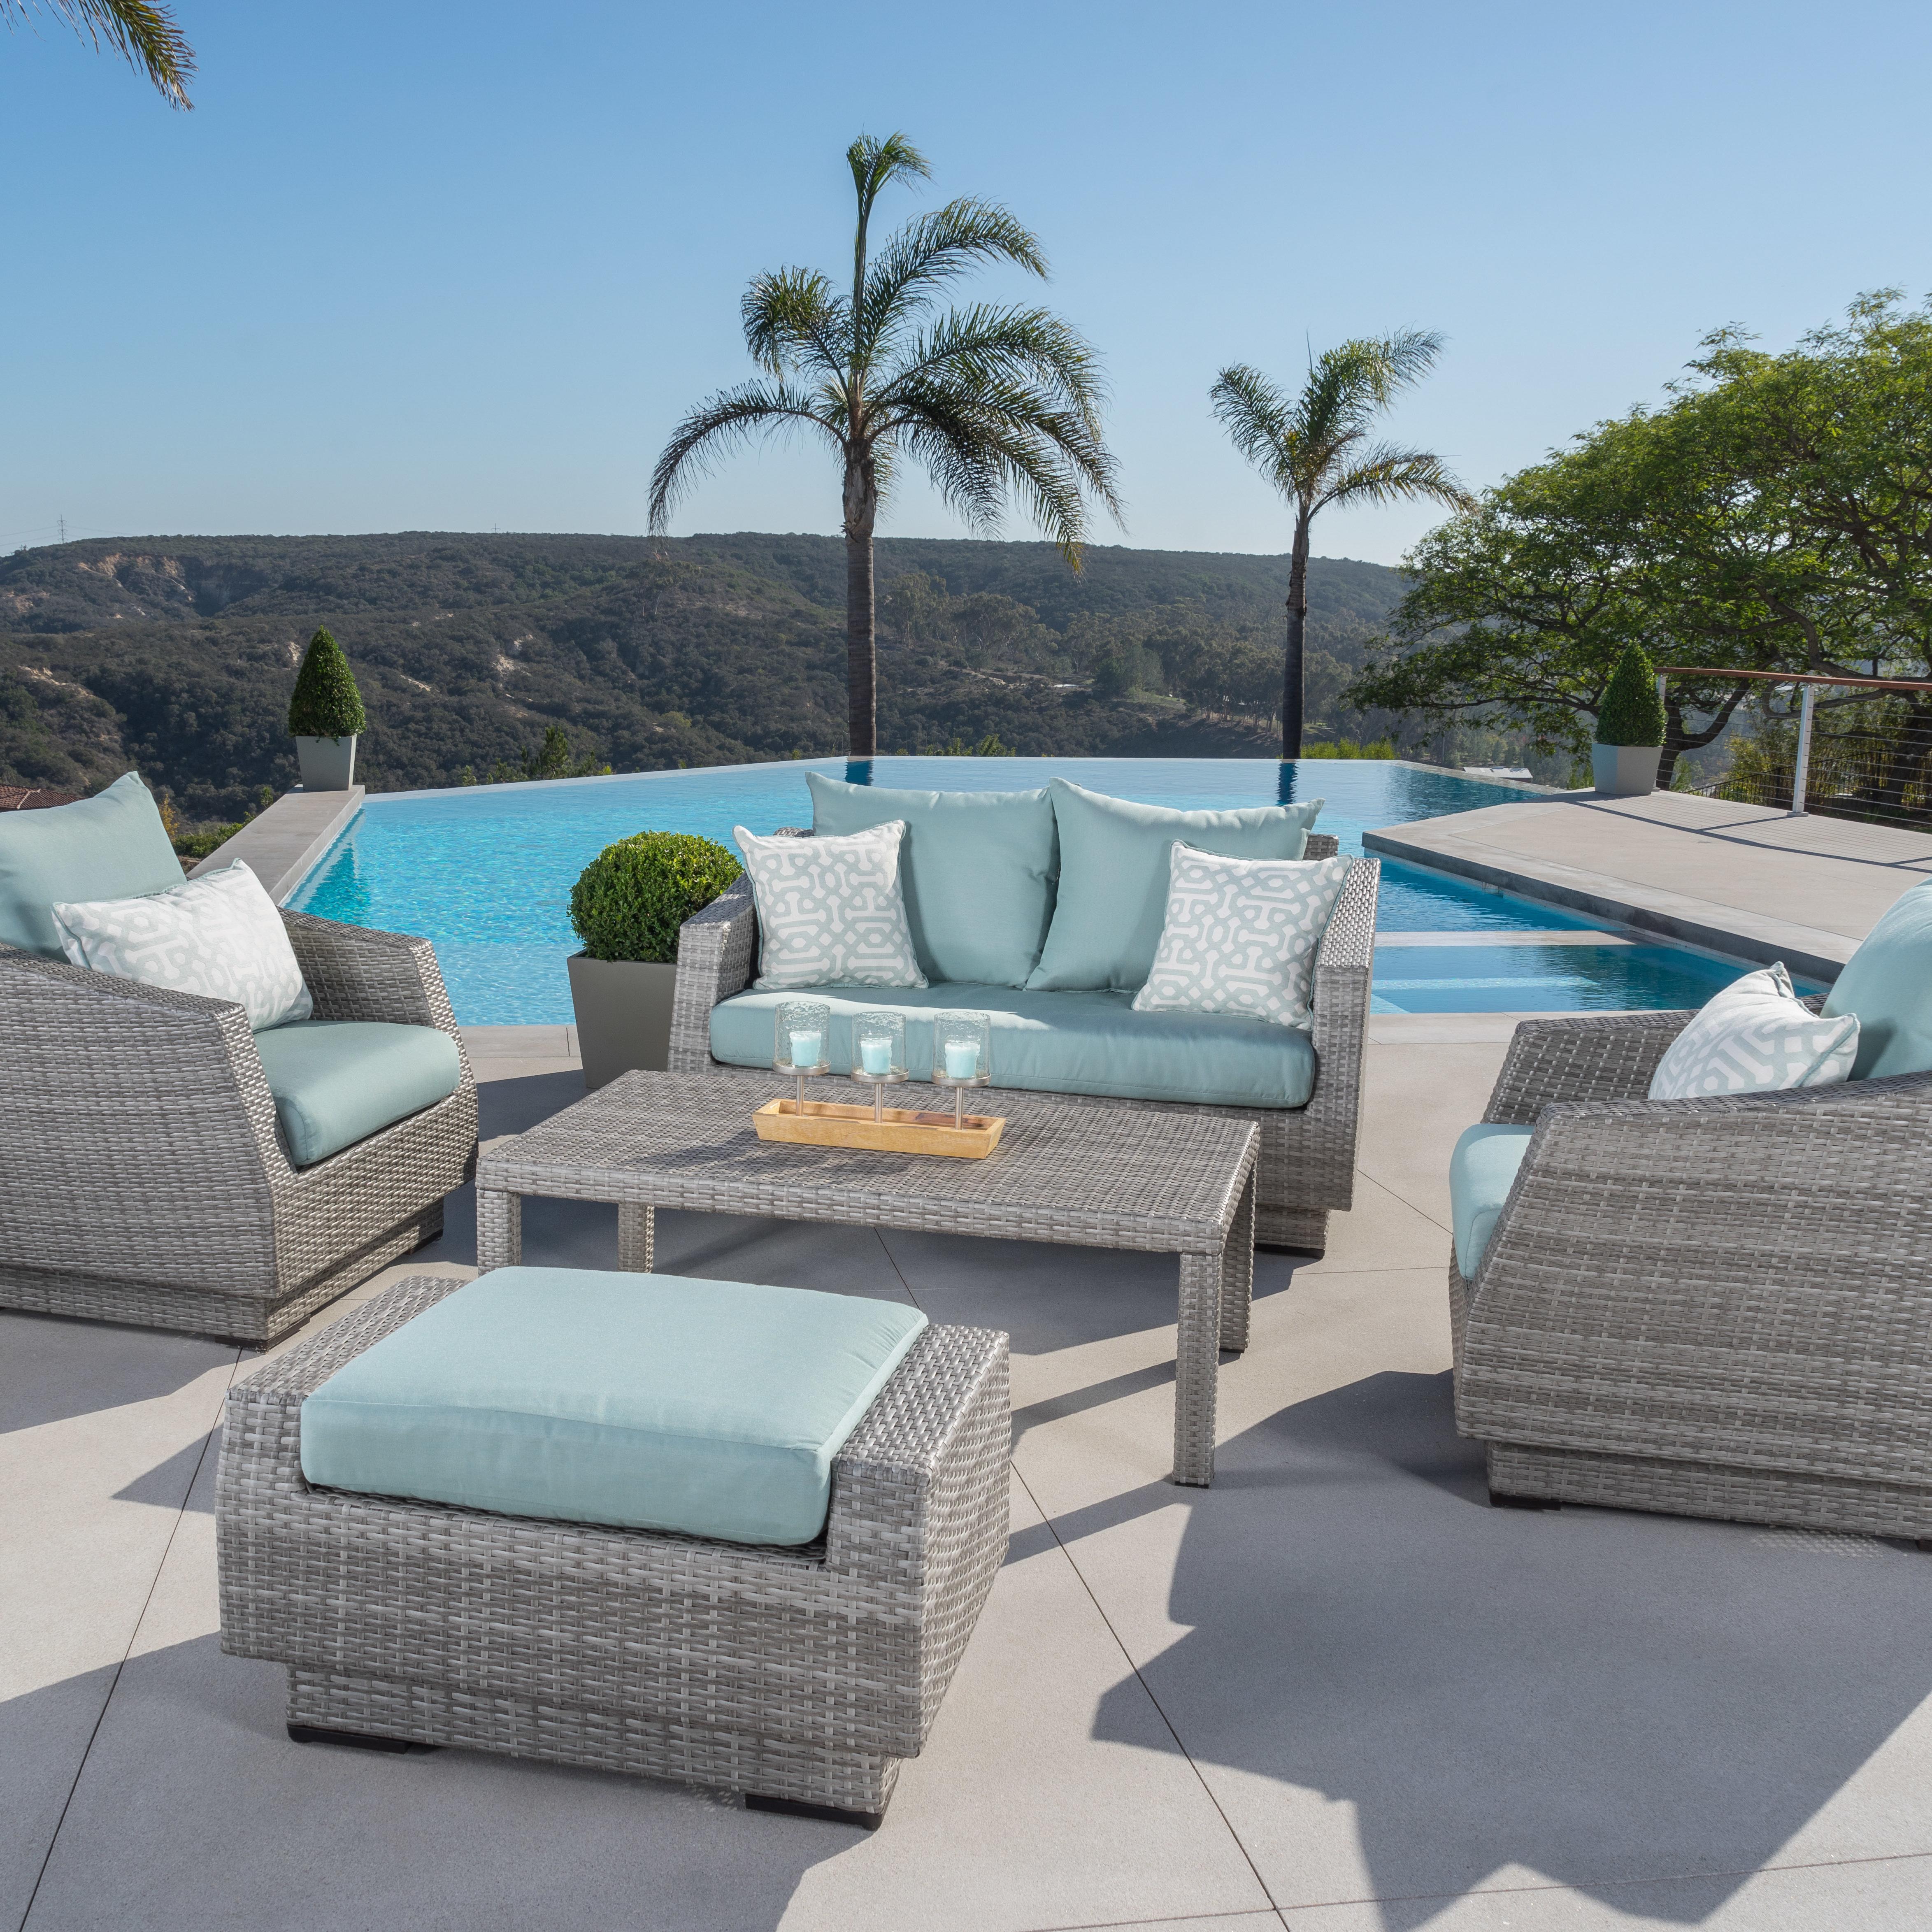 Latest Castelli 5 Piece Sunbrella Sofa Set With Cushions With Castelli Loveseats With Cushions (View 10 of 20)